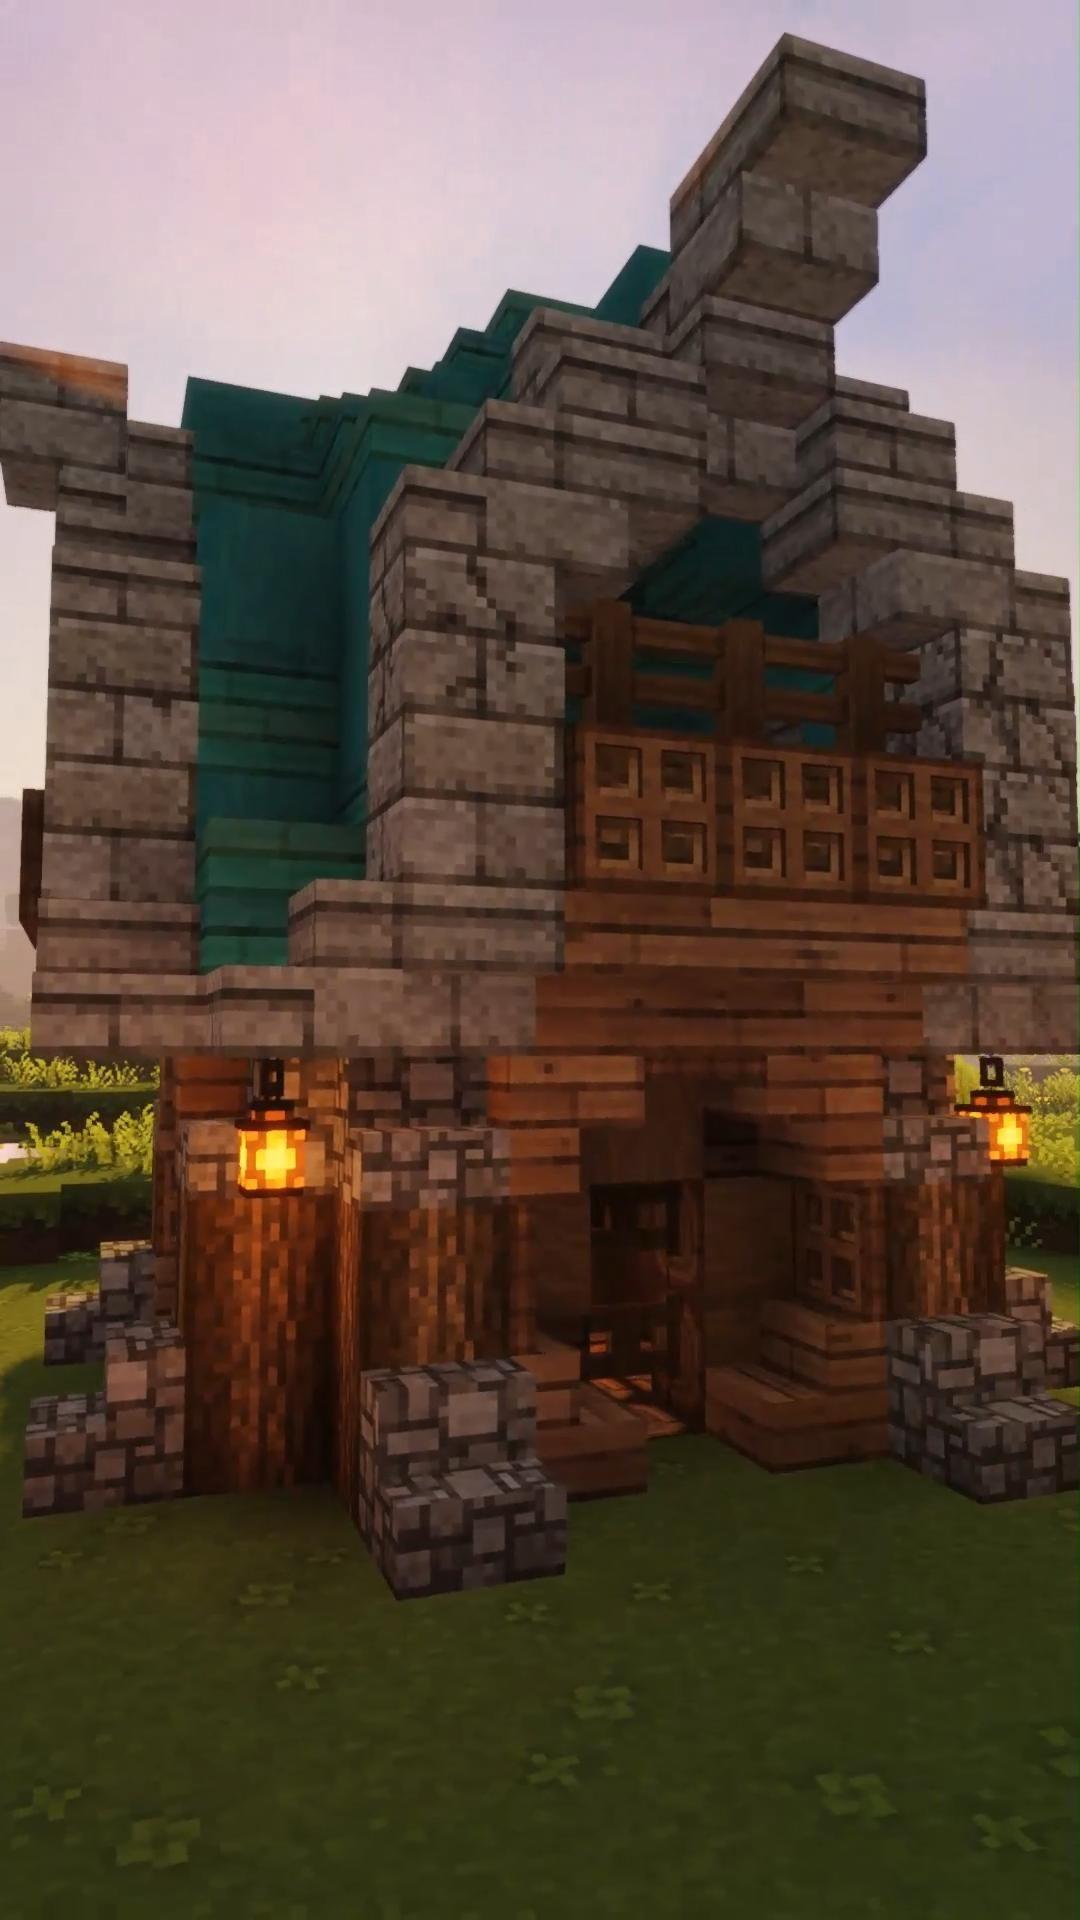 Easy Minecraft Small House Idea